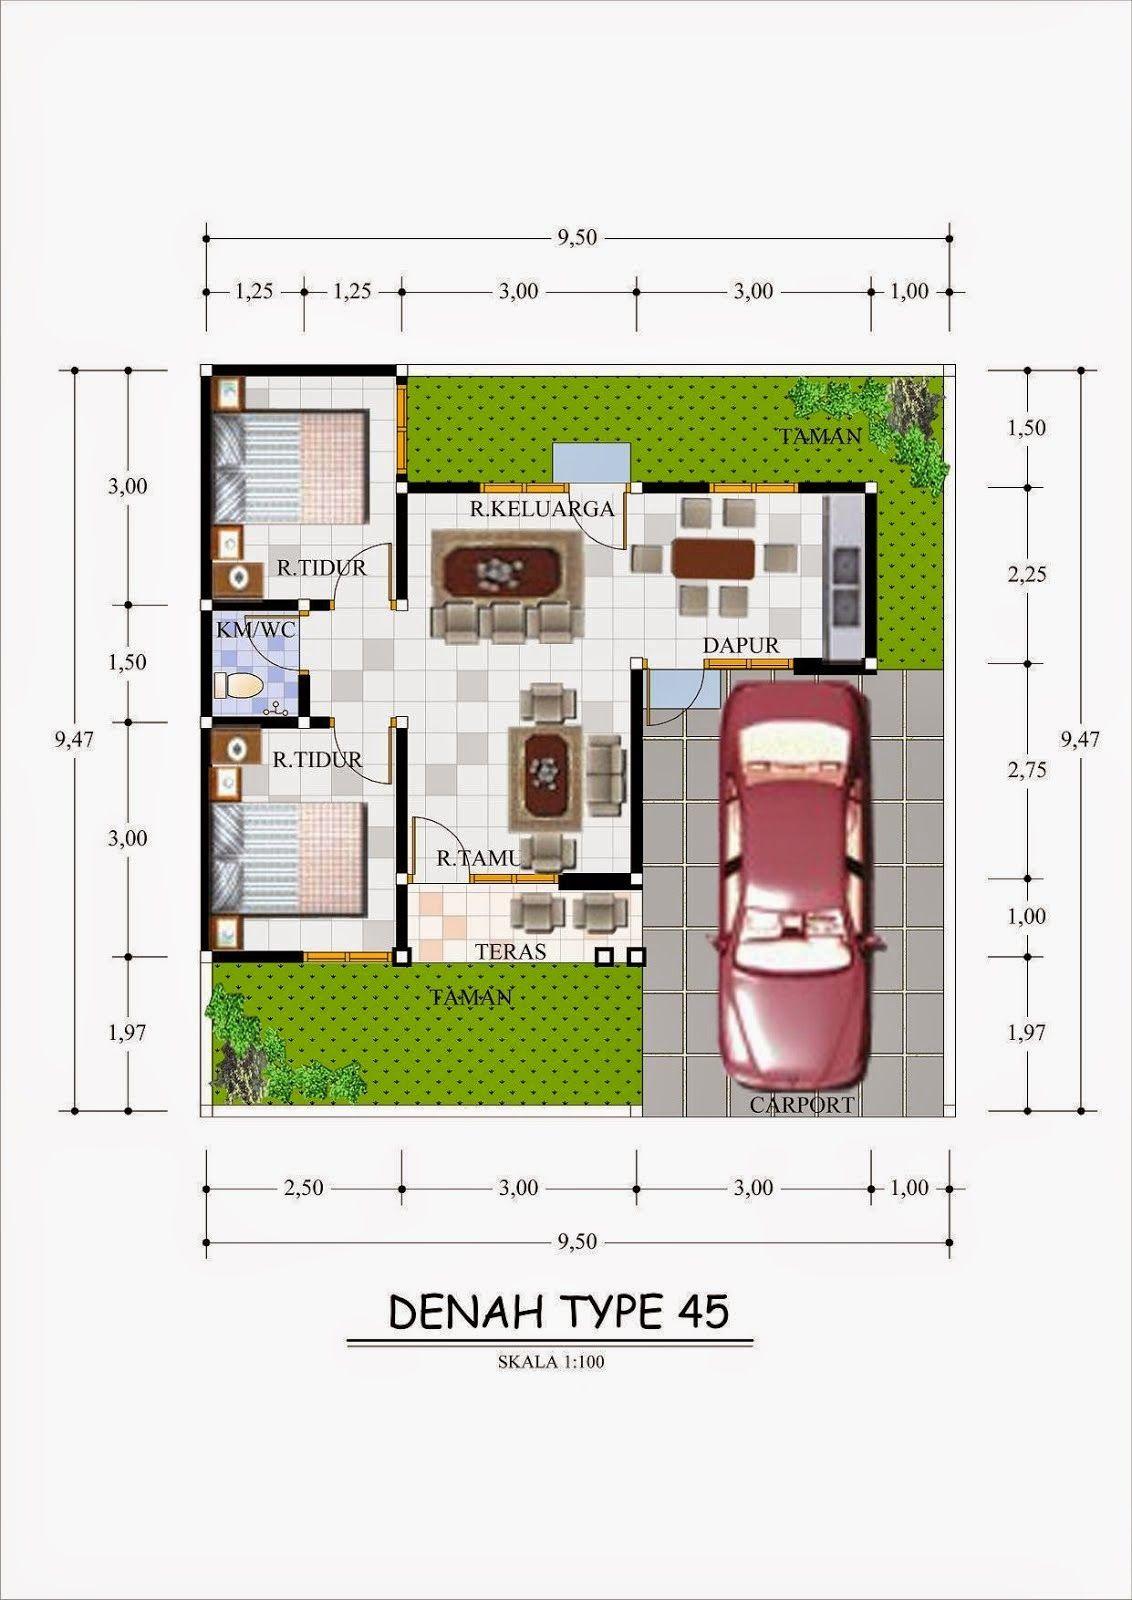 Rumah Minimalis Type 45 Denah Rumah Denah Rumah 3d Rumah Minimalis